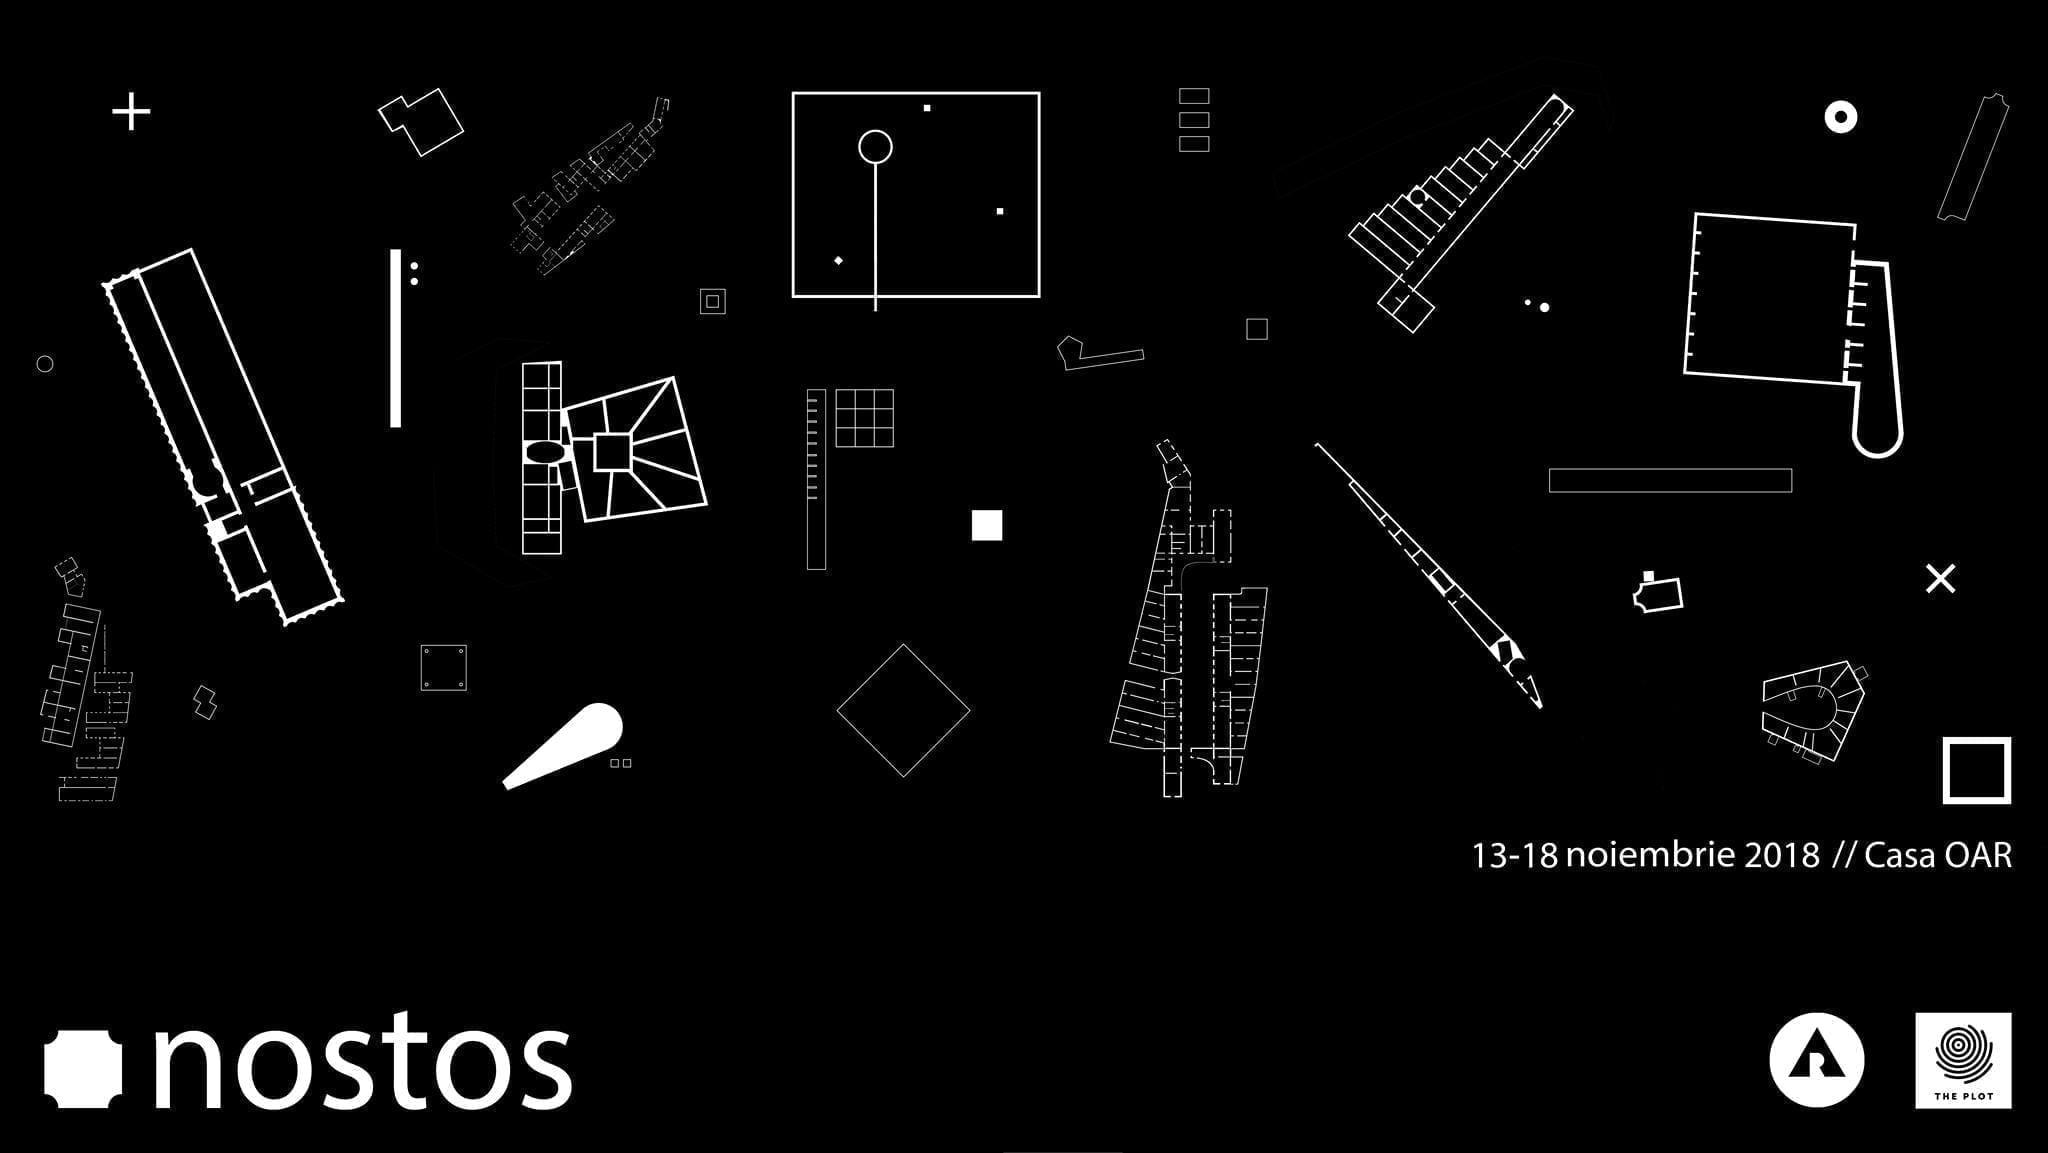 Nostos: Expoziție de Arhitectură